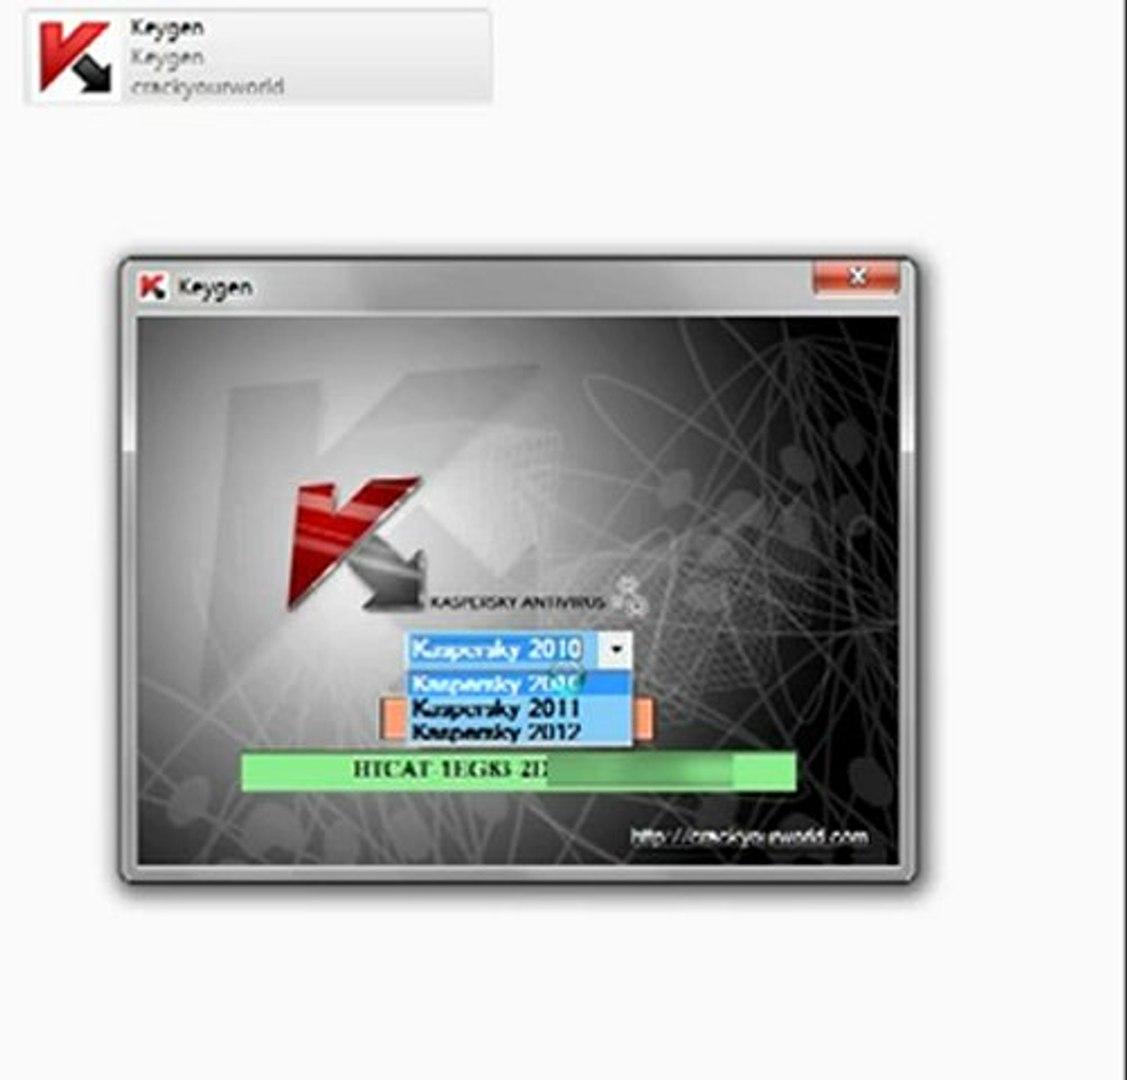 Kaspersky 2012 keygen n 2016 n Pirater n FREE Download